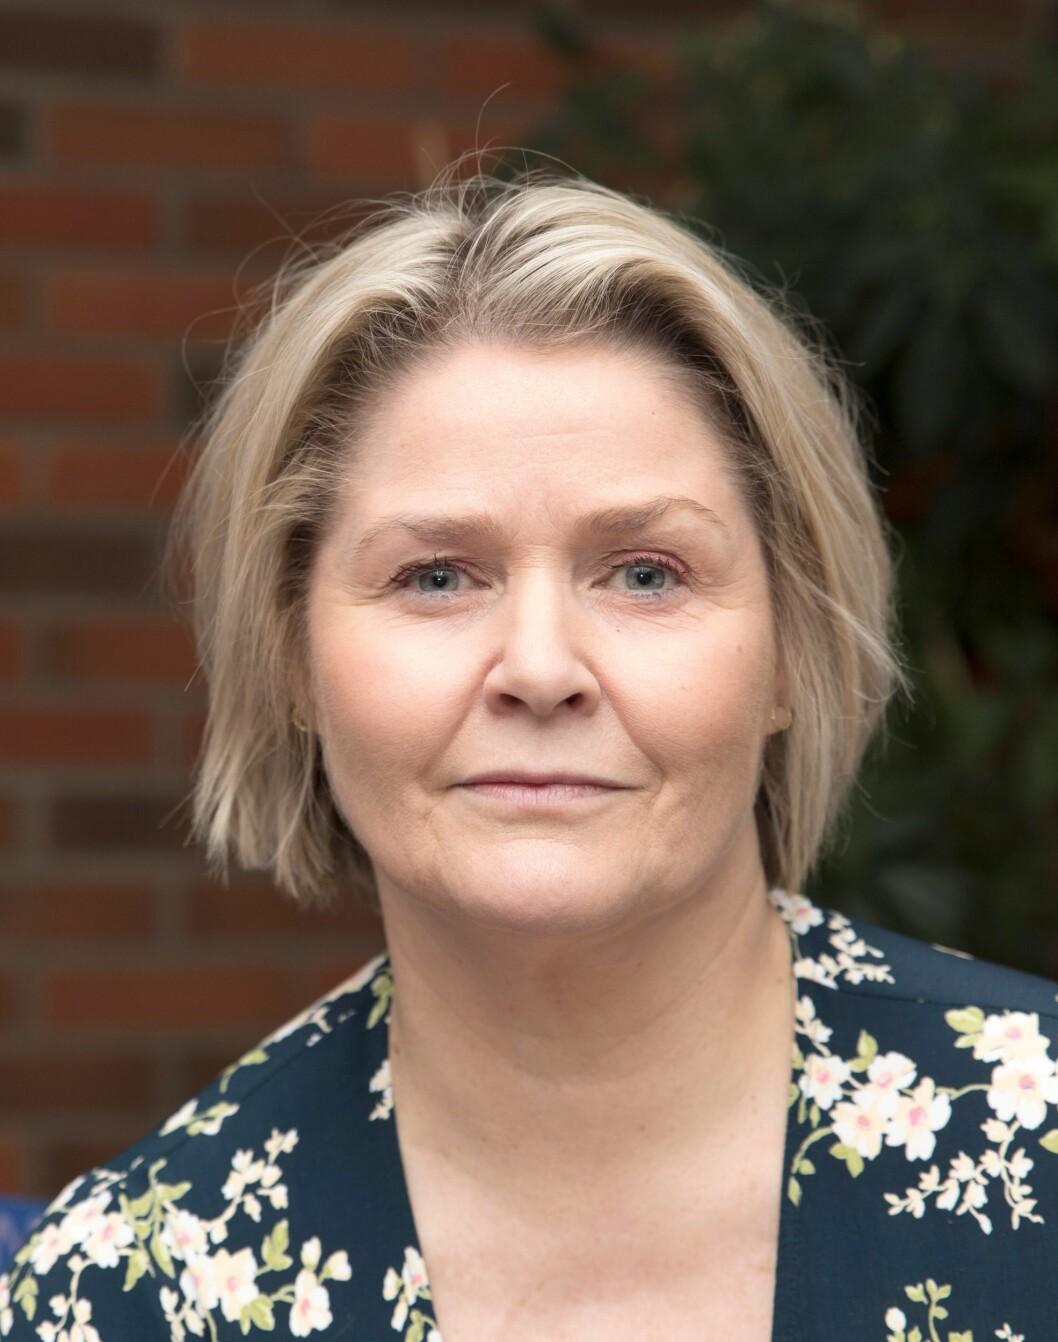 Grete Lien Metlid